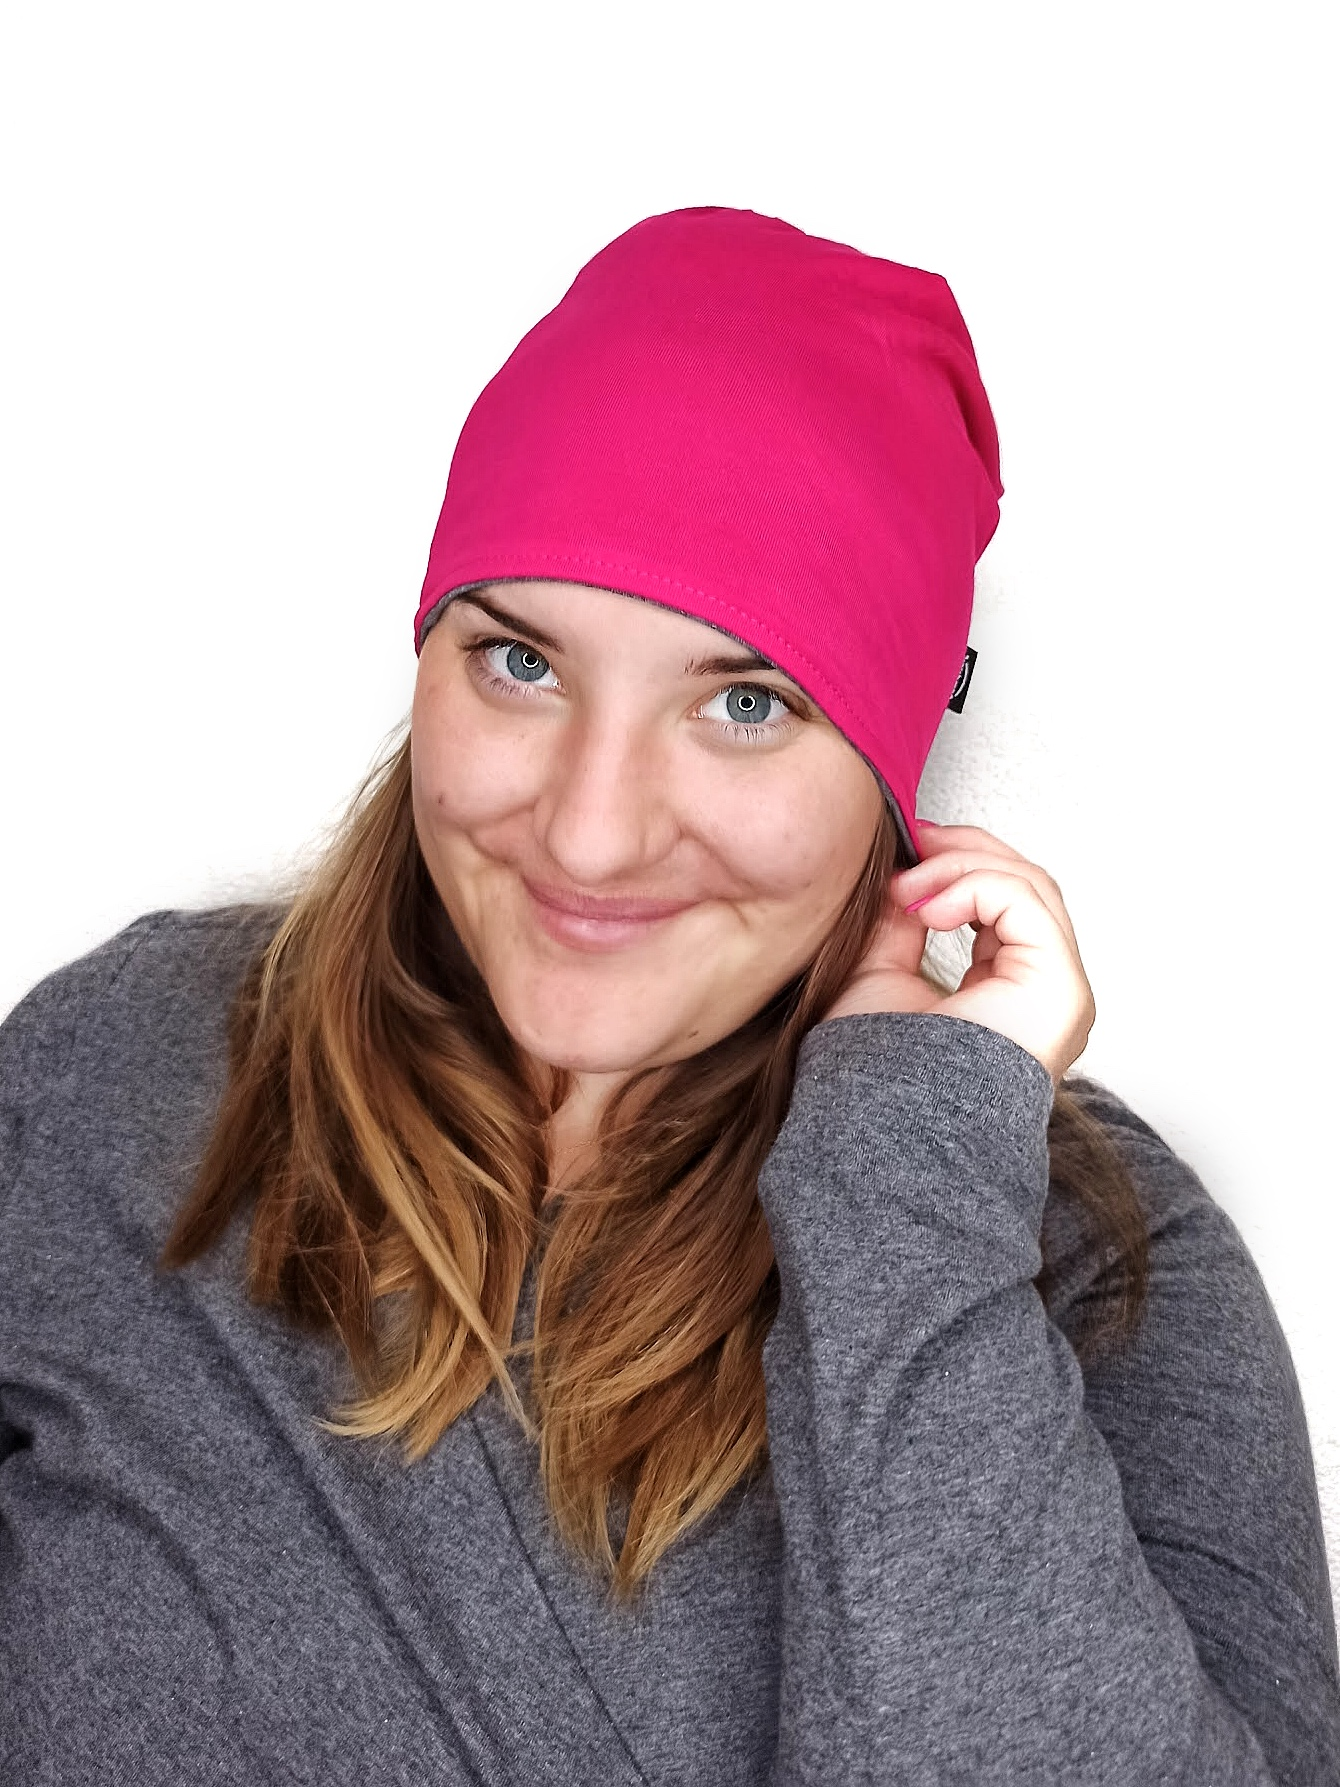 Dámská čepice bavlněná, oboustranná, tmavě šedý melír+sytě růžová